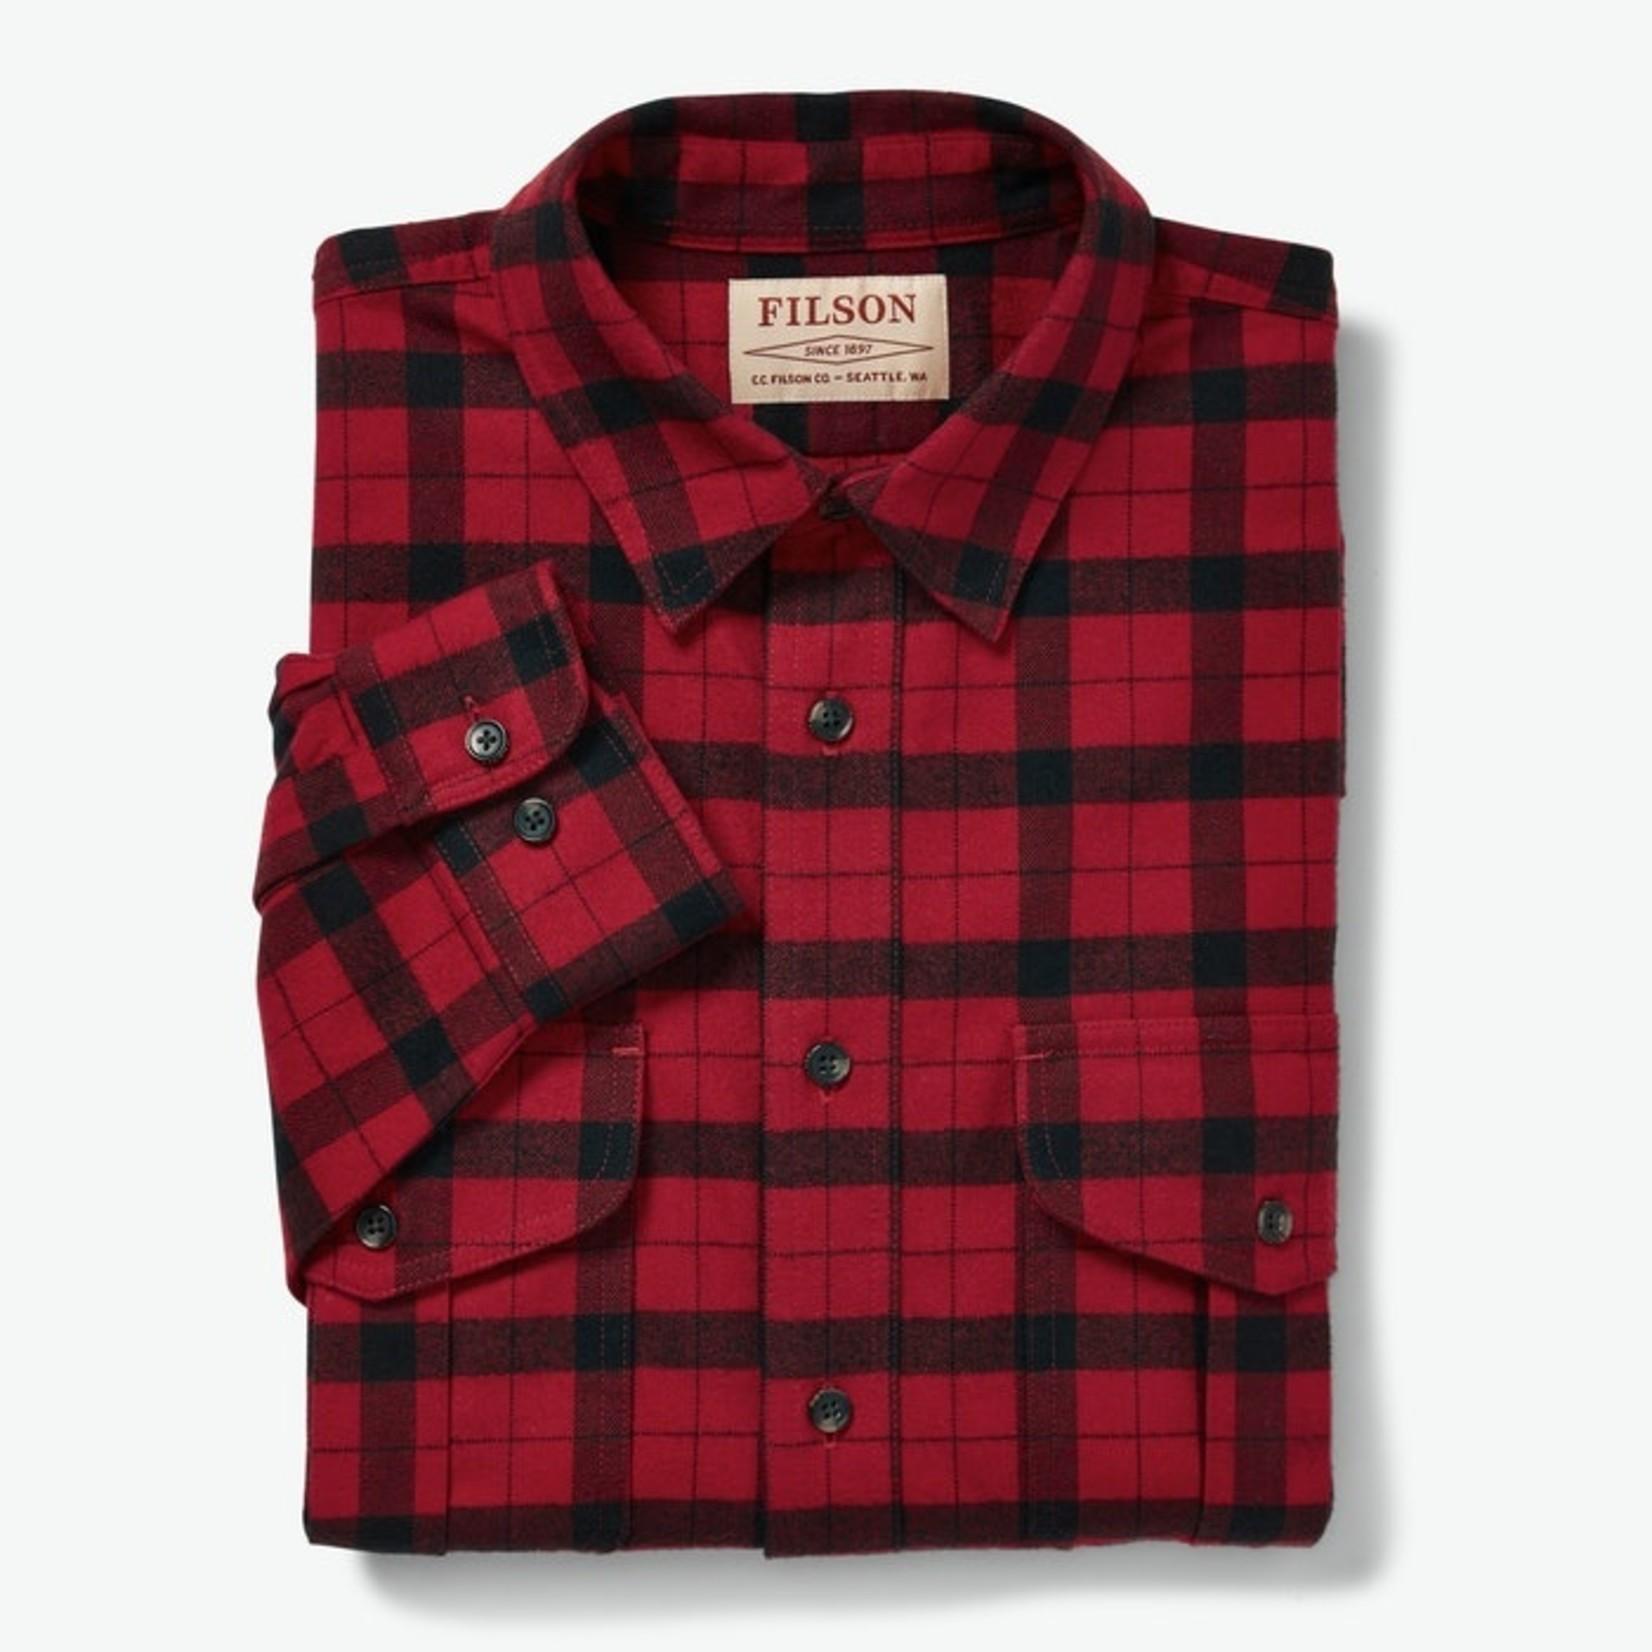 Filson Filson 11012006 Alaskan Guide Shirt